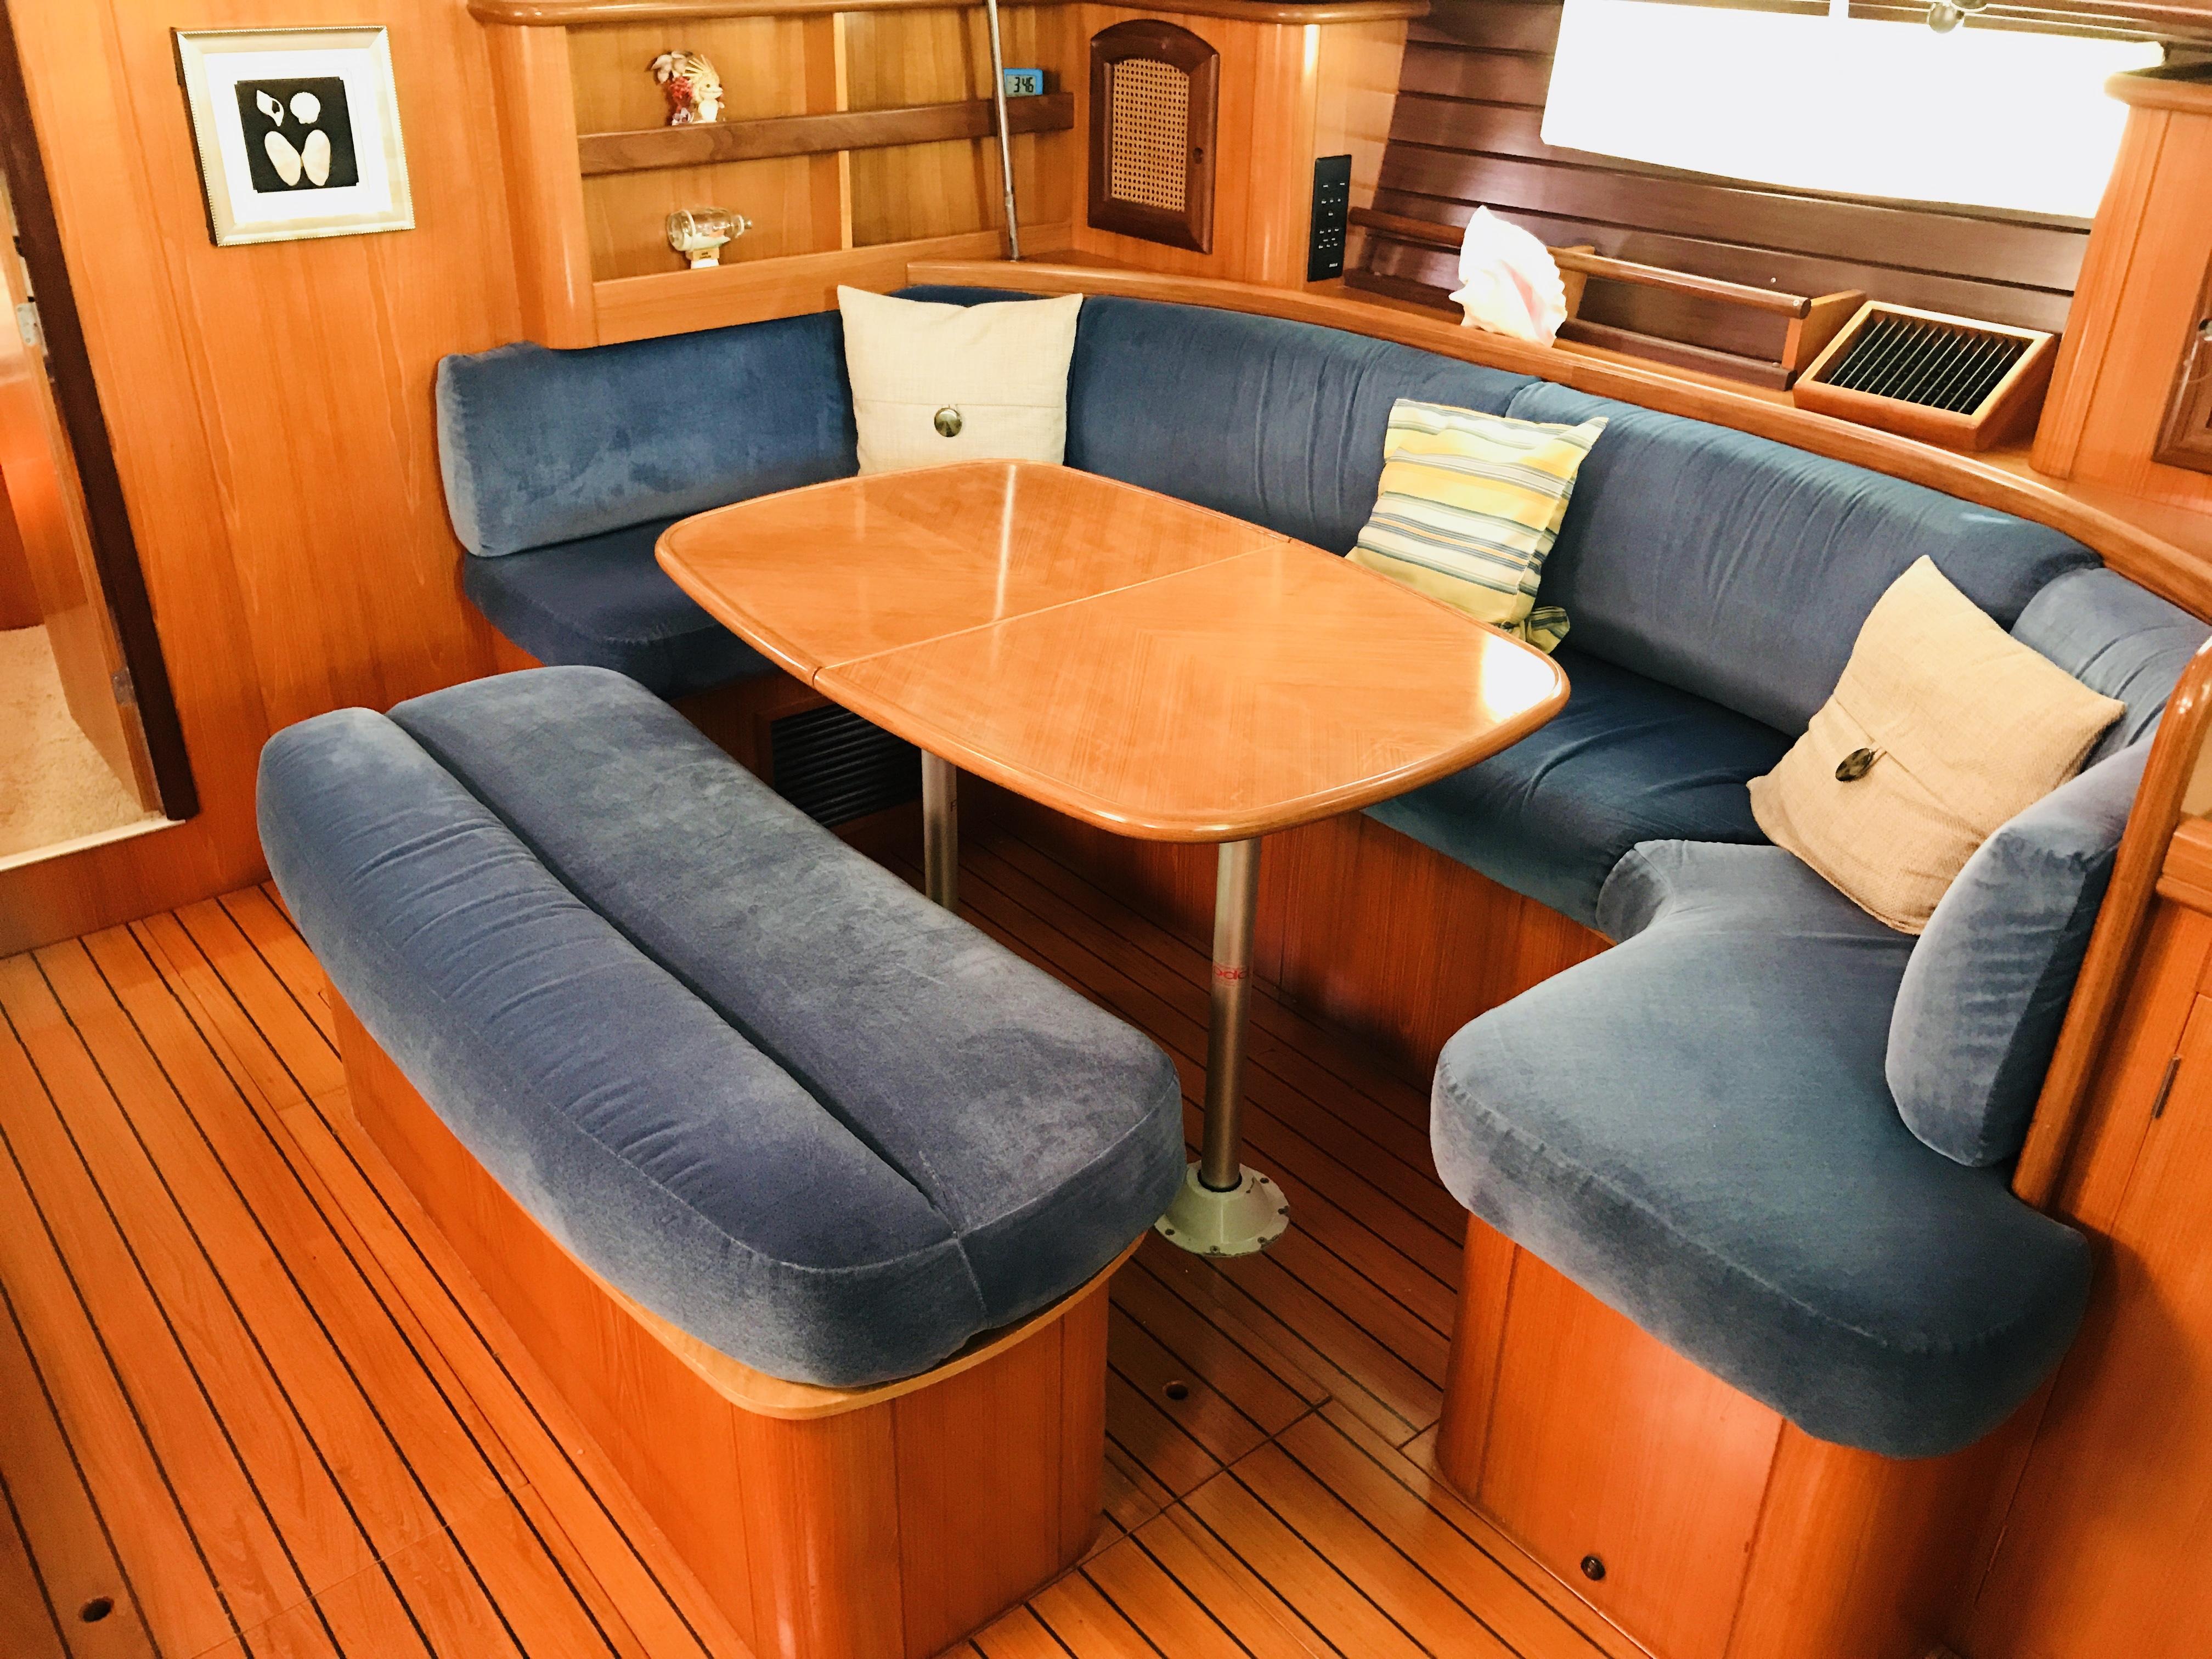 Beneteau Oceanis 461 - 1998 Beneteau Oceanis 461starboard dinette